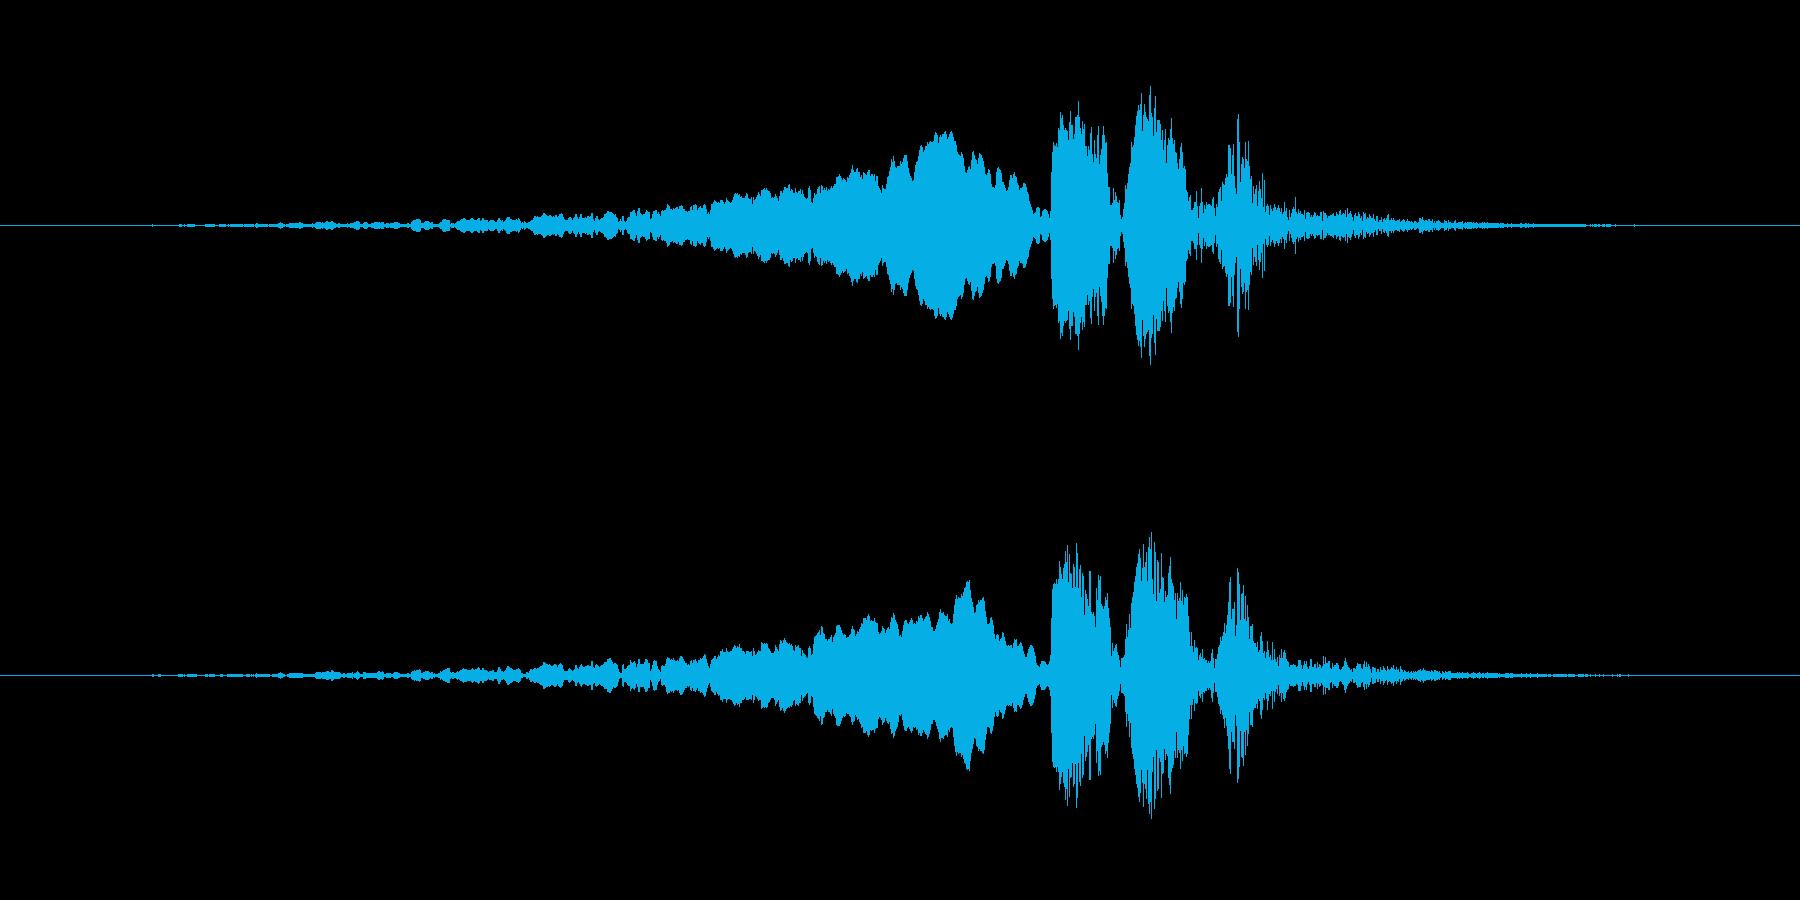 【ウグイス 合成01-4】の再生済みの波形